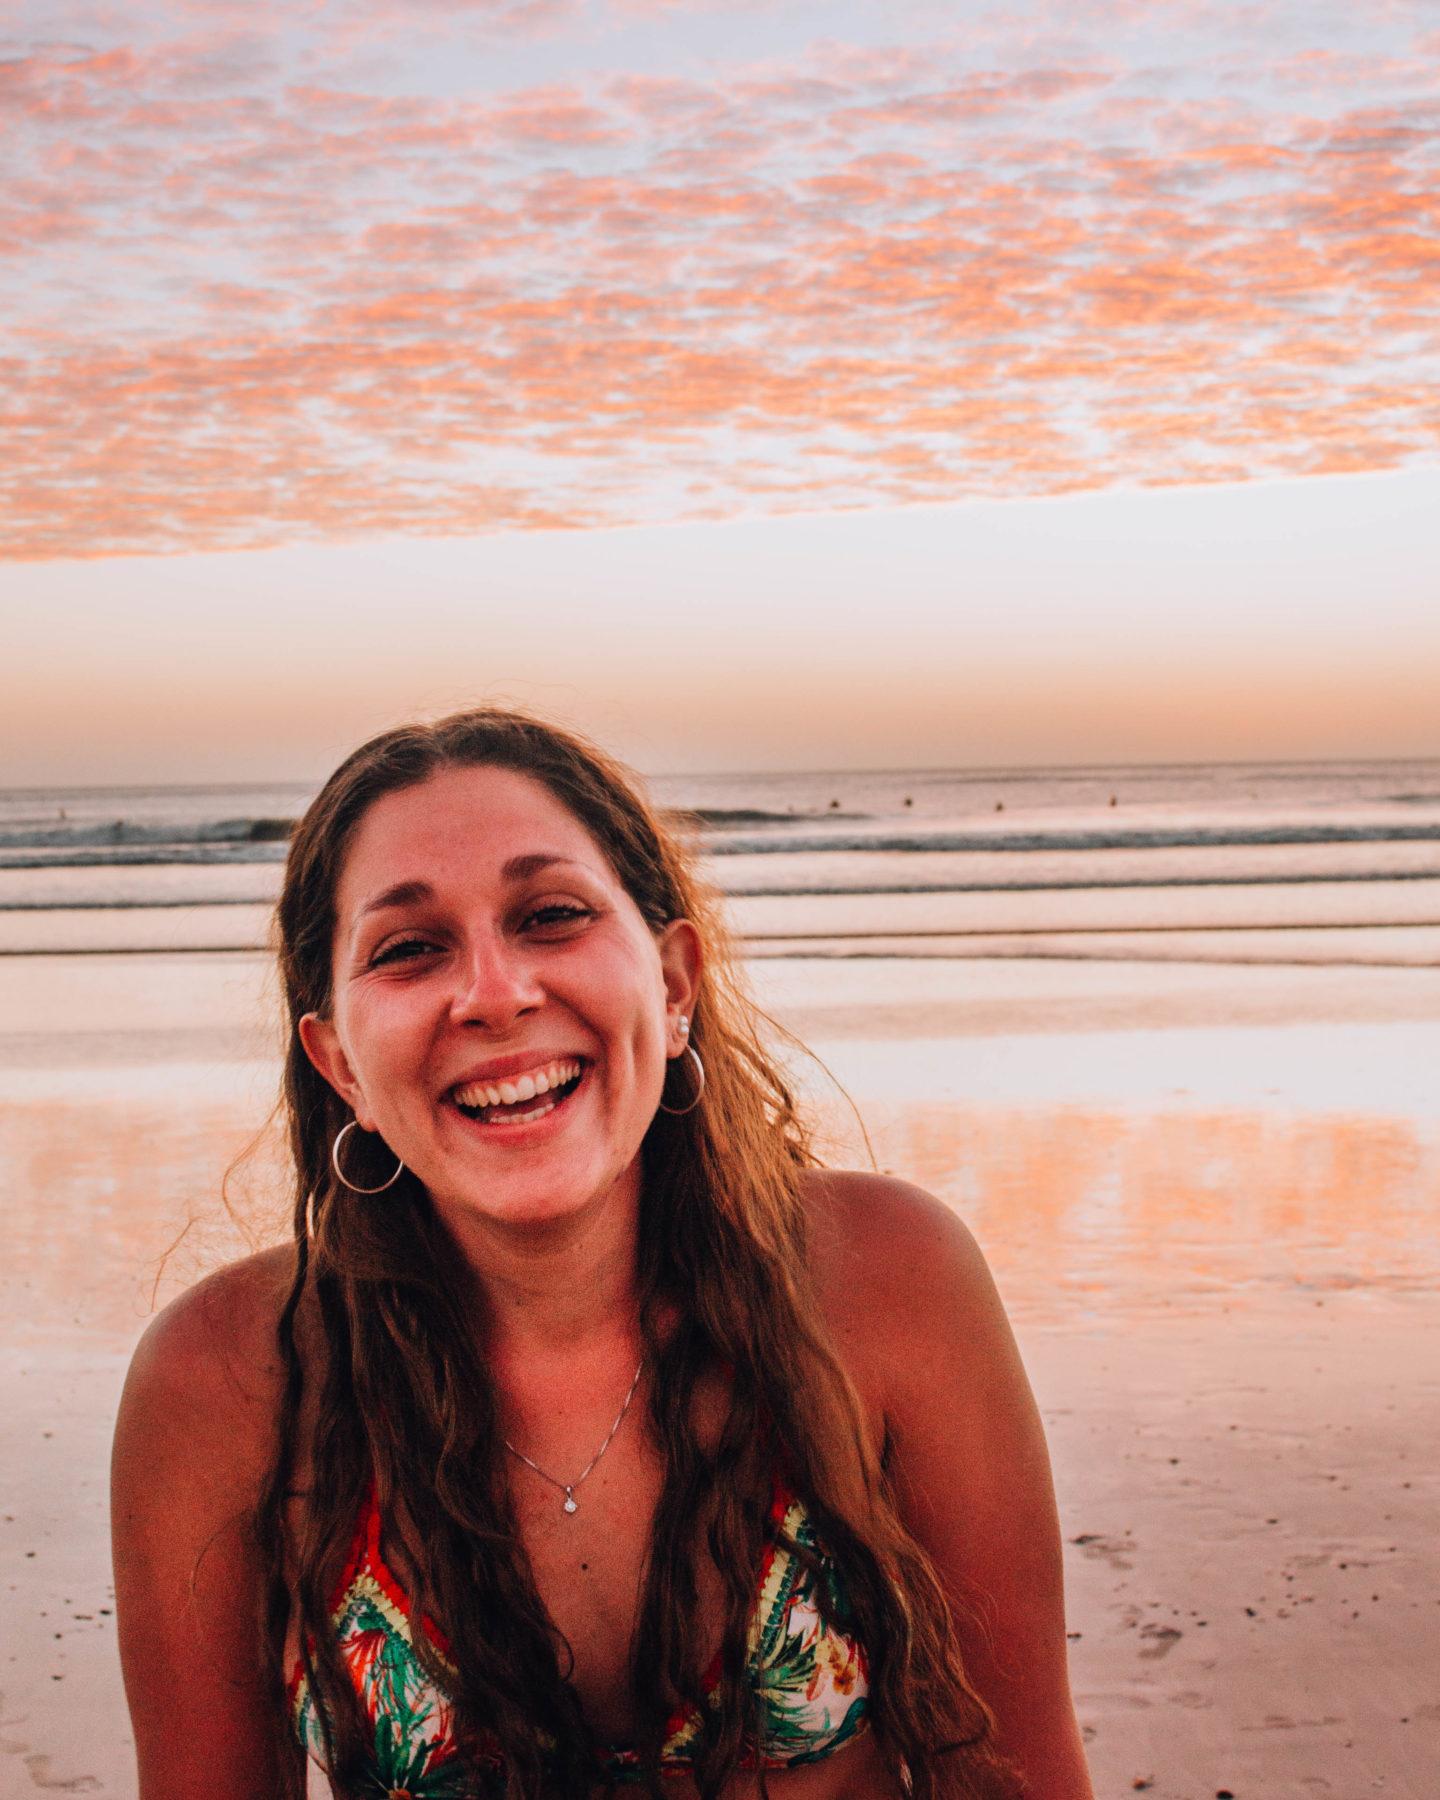 Trovare Lavoro In Costa Rica costa rica, guida di viaggio e itinerario - noncieromaistata